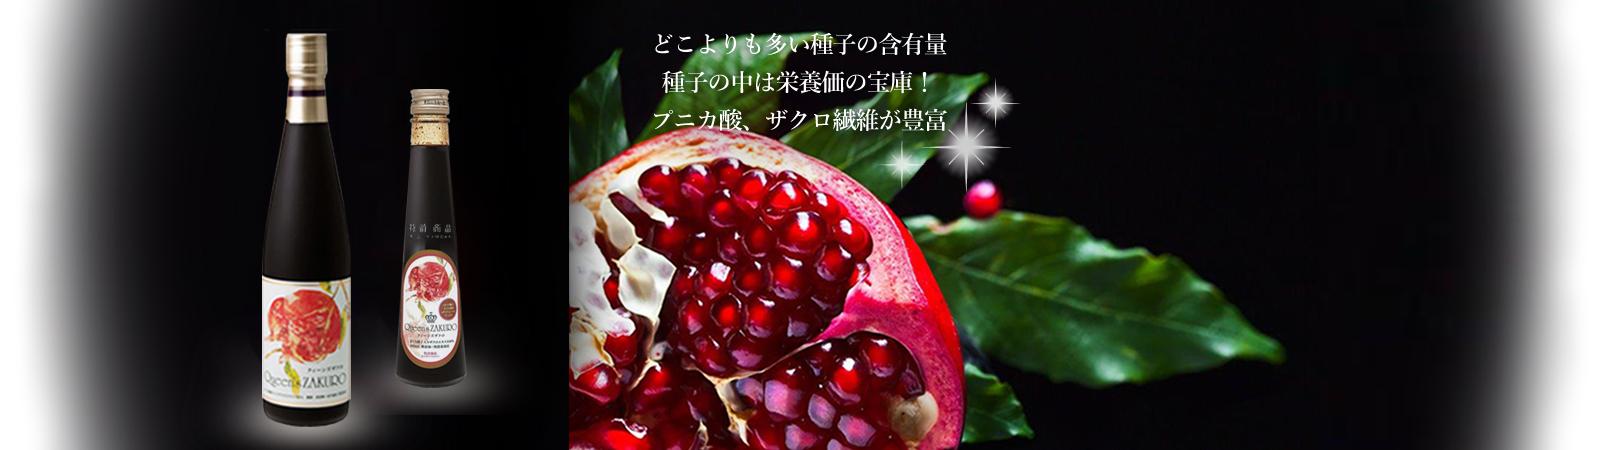 クィーンズザクロは種子の中を取り入れる製法で特許を取得している日本でただひとつのザクロジュース